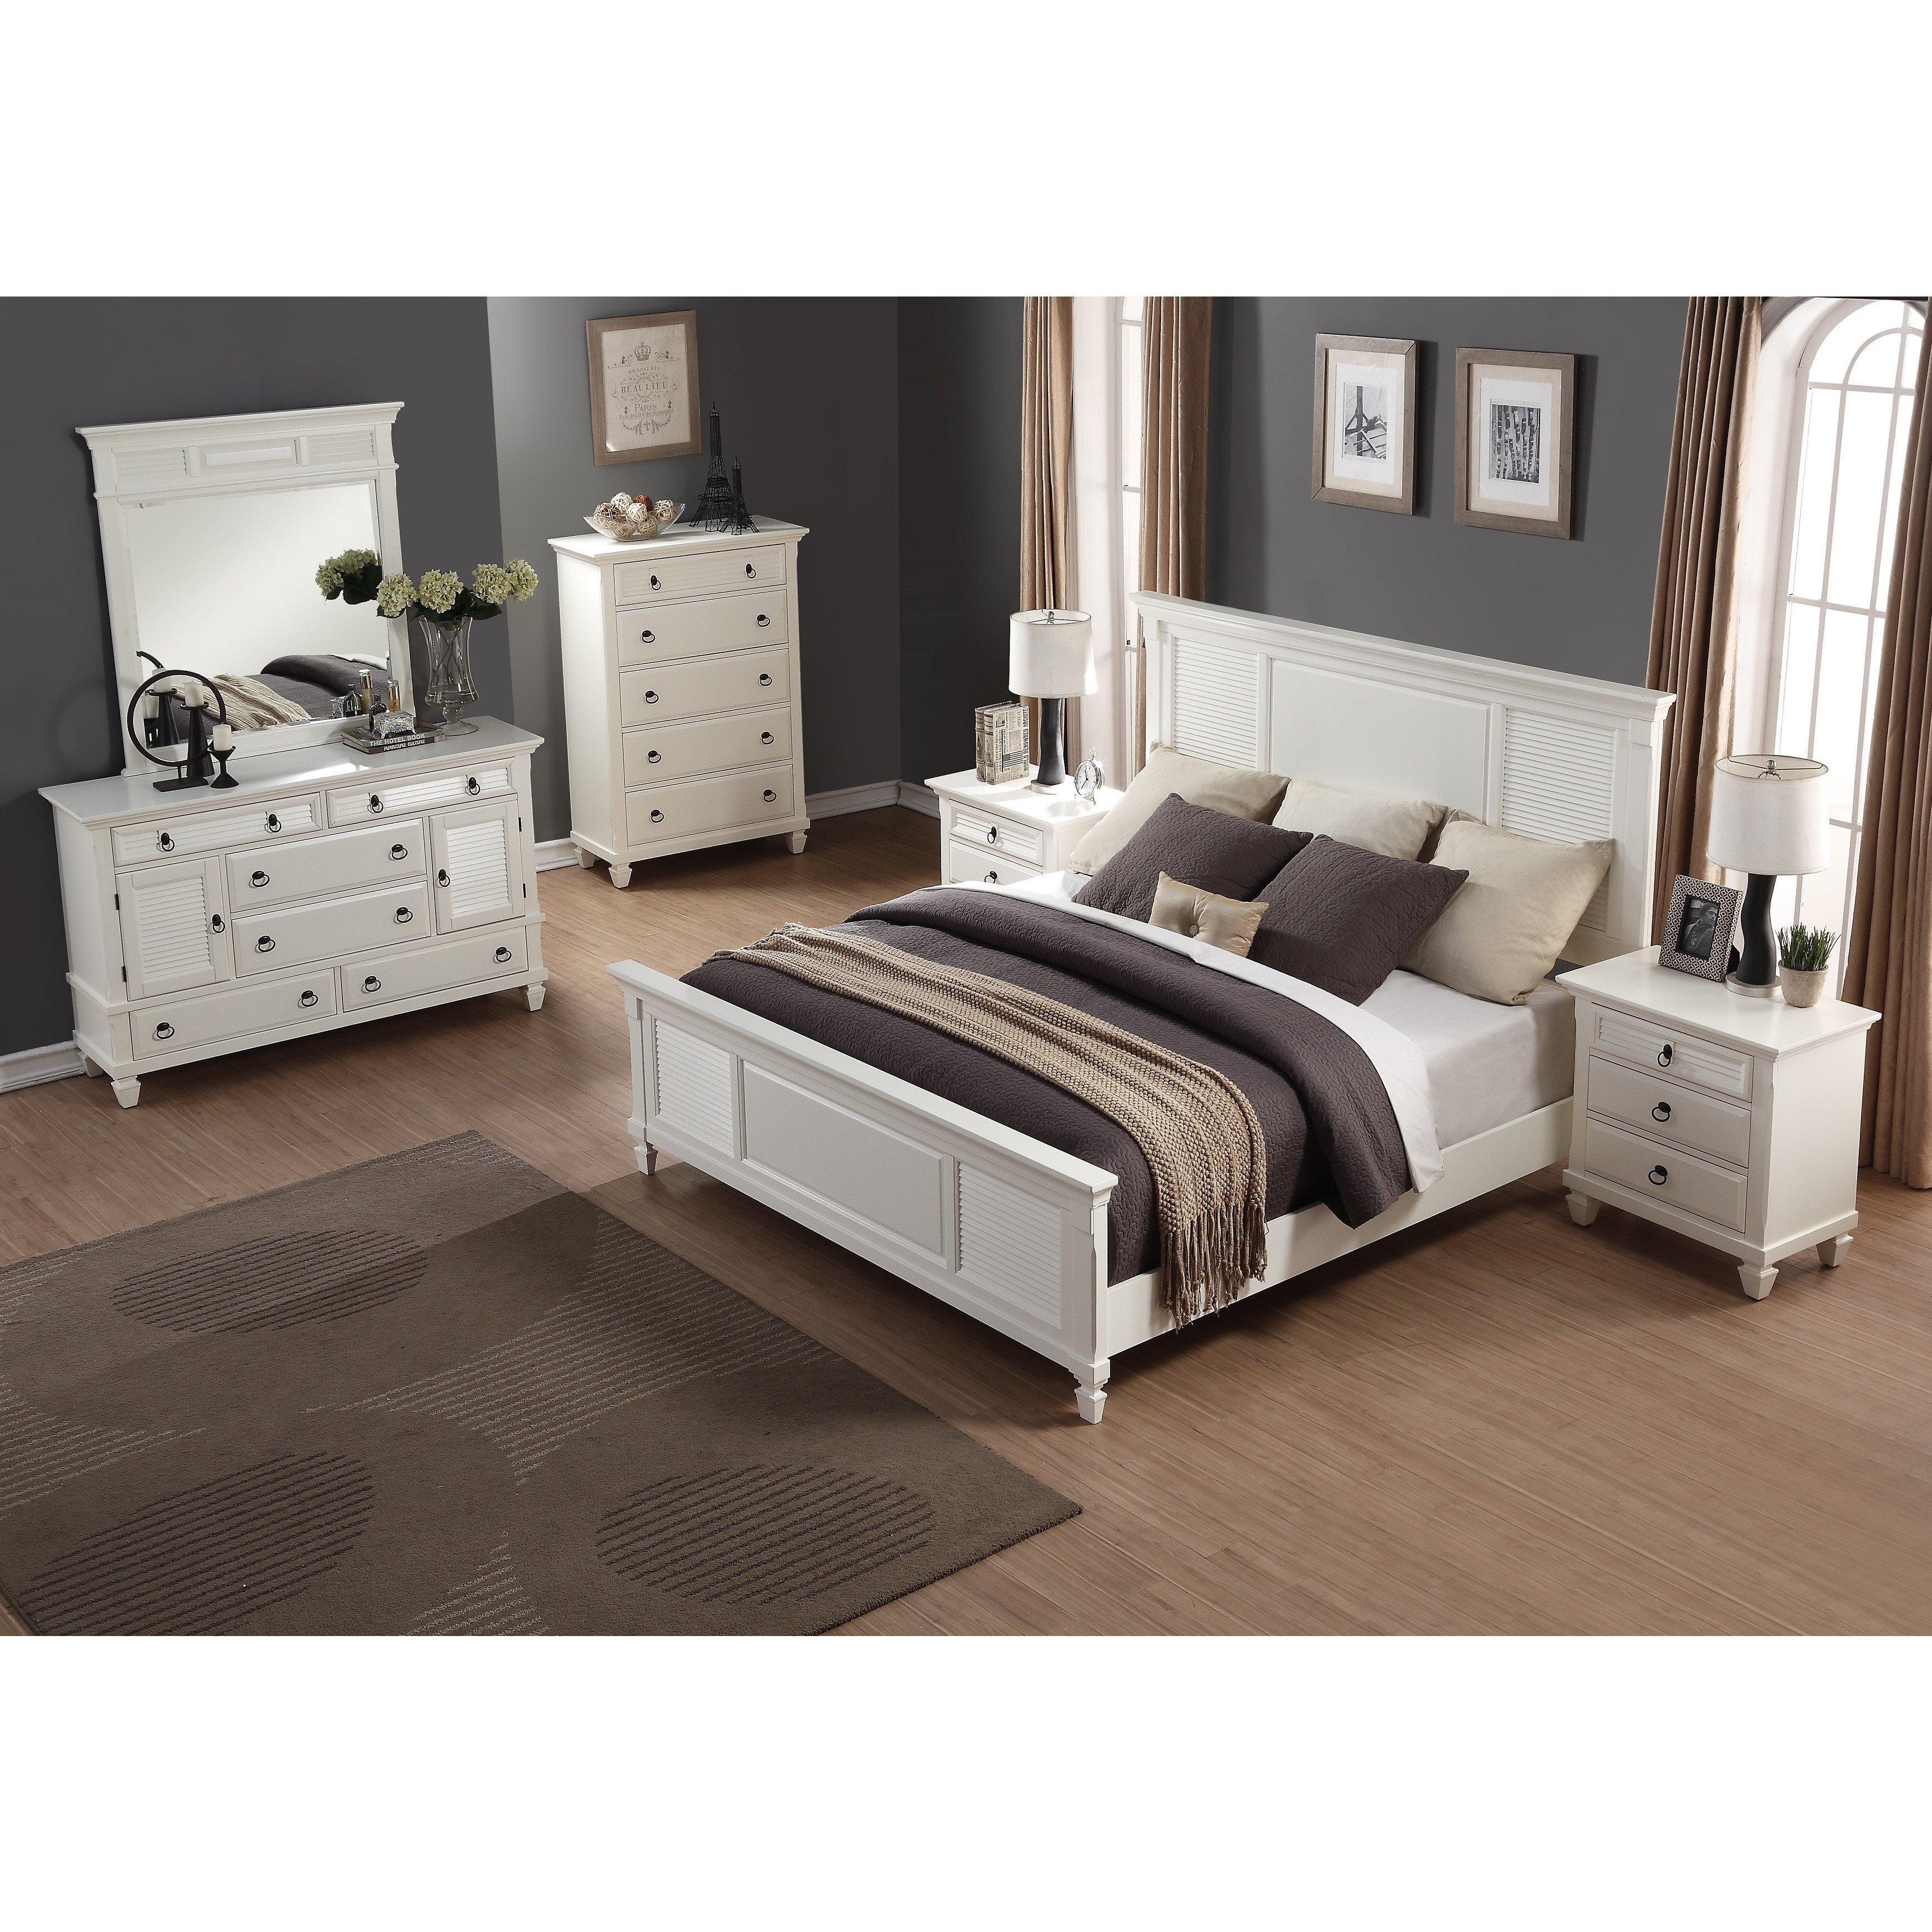 6 Piece Queen Bedroom Set Luxury Regitina White 6 Piece Queen Size Bedroom Furniture Set